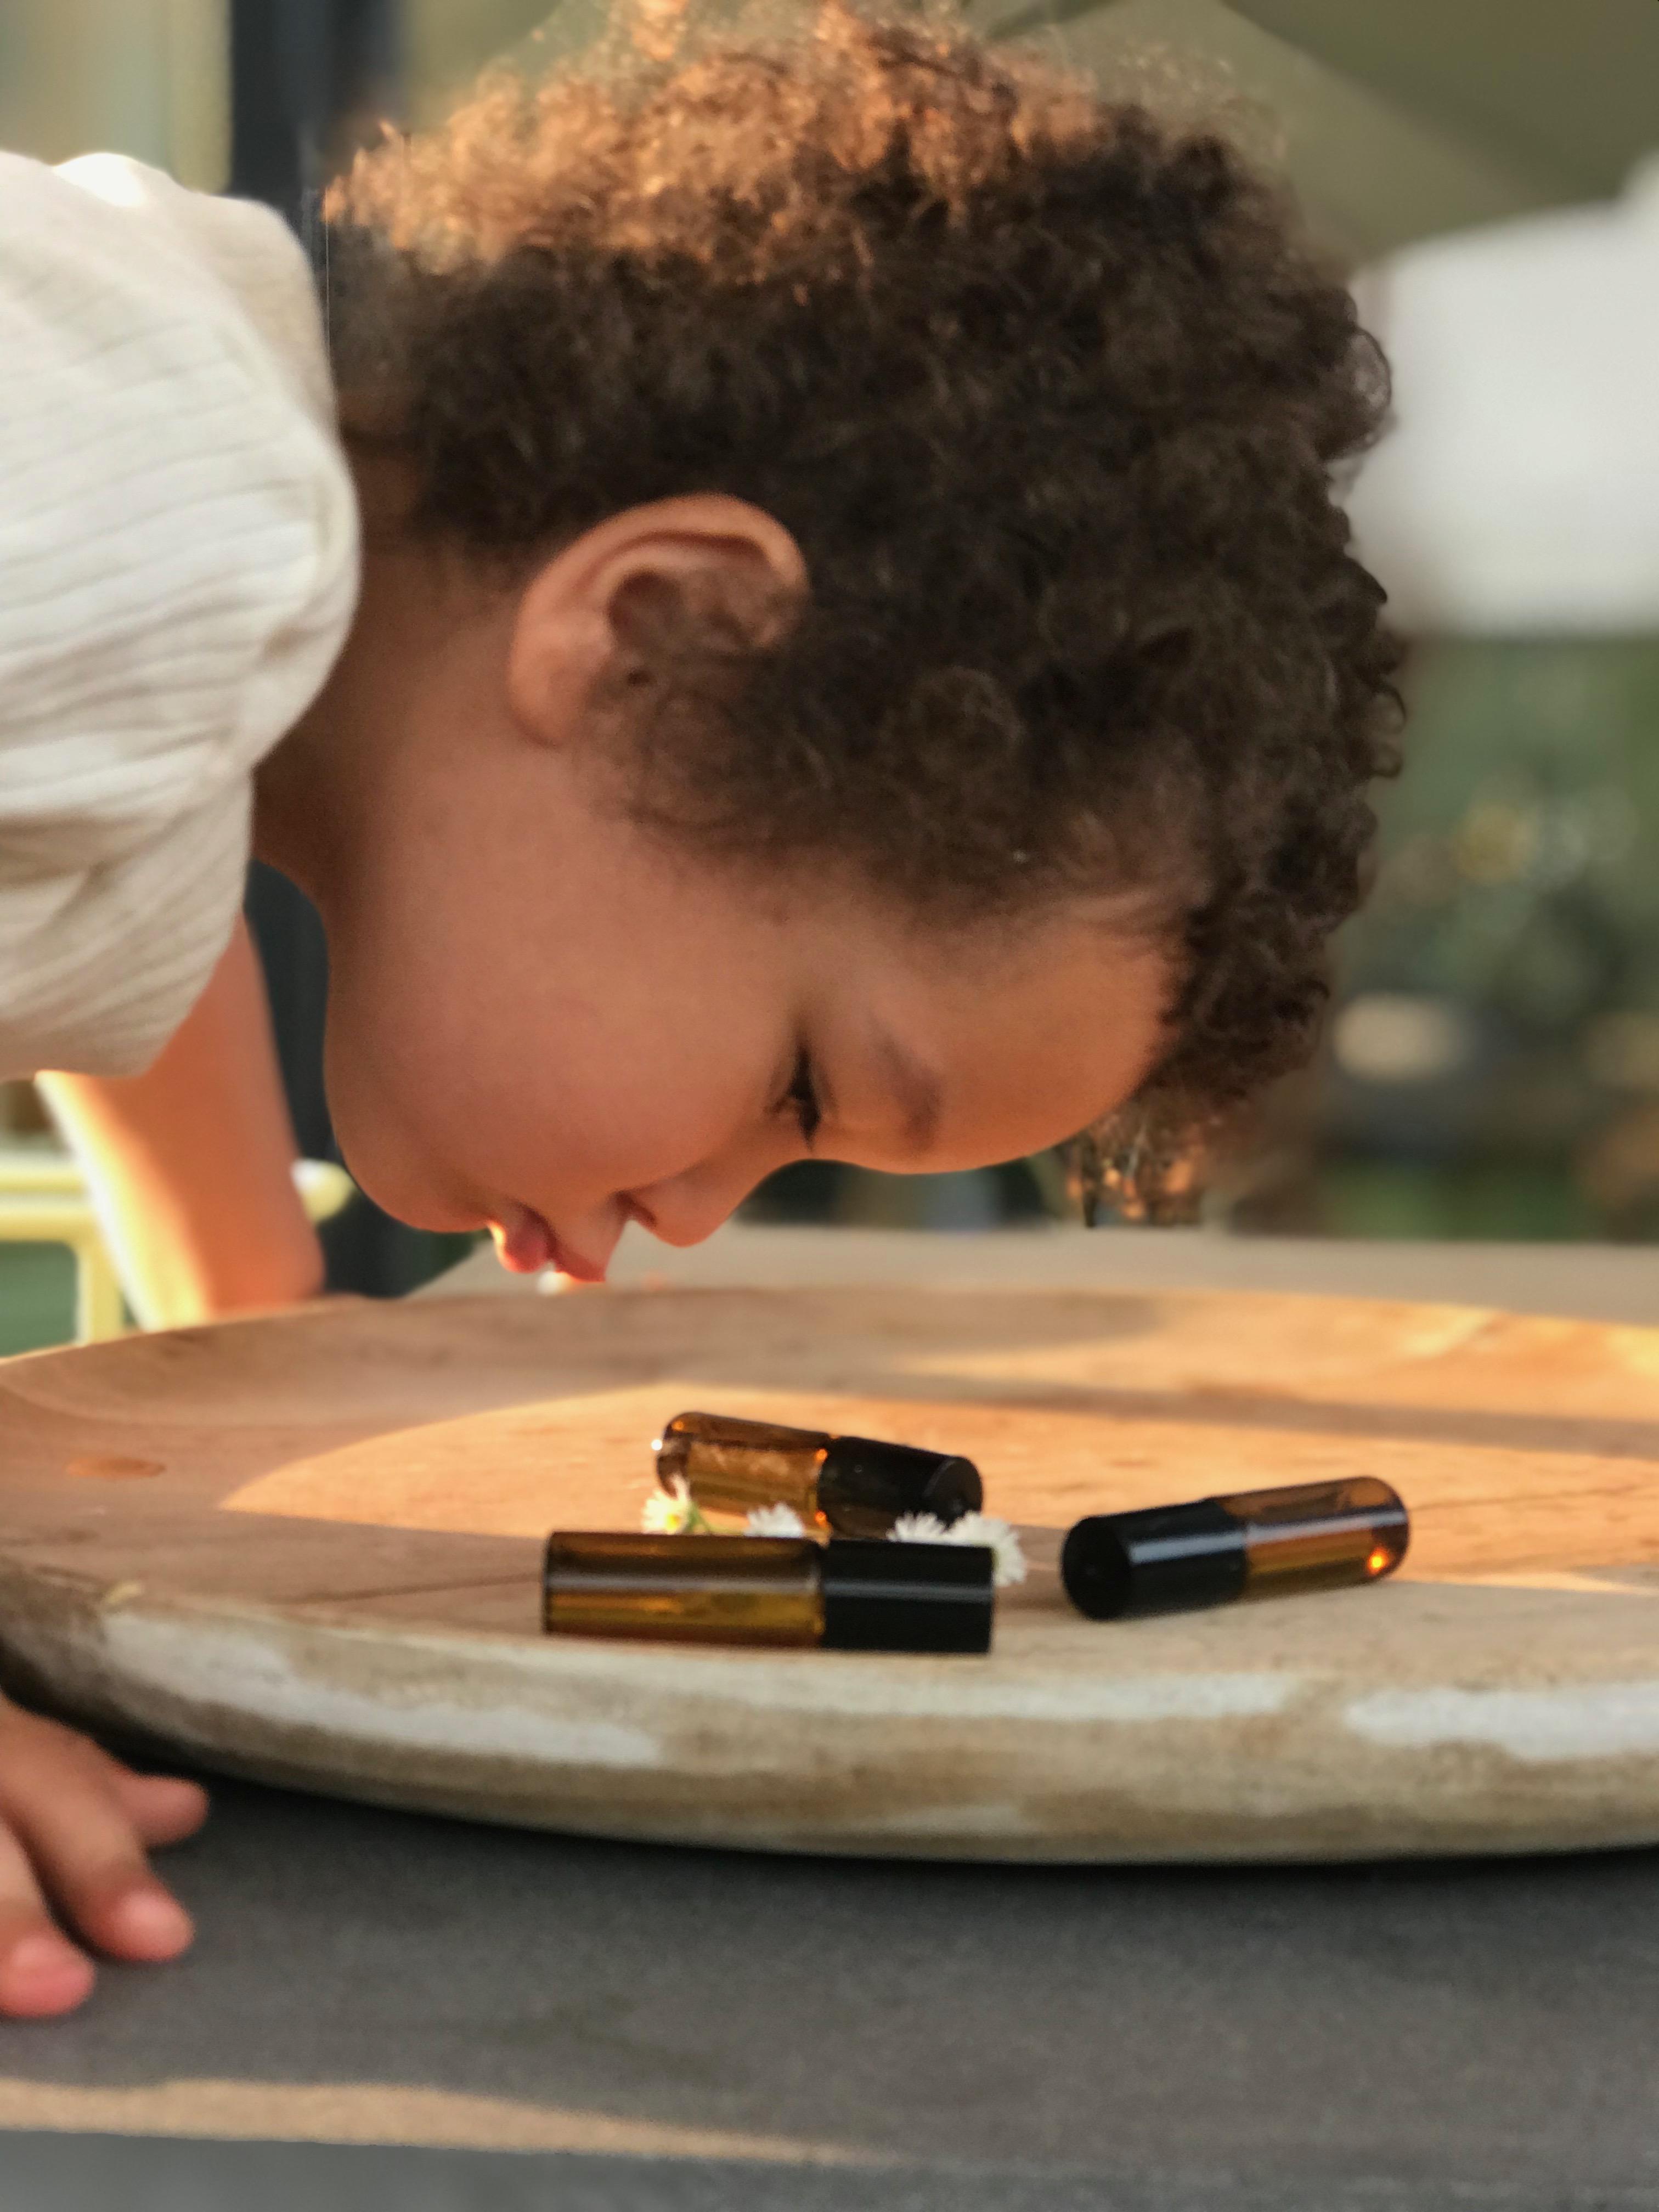 Aromatherapie für die ganze Familie ein Sehnsuchtsöl Roll On für Kinder ist ein guter kleiner Seeltröster wenn es um Kitaeingewöhnung, Schulanfang,oder Eltern die gerade nicht zu Hause sein können. So ist der Trennungschmerz gleich nicht mehr ganz so schlimm.